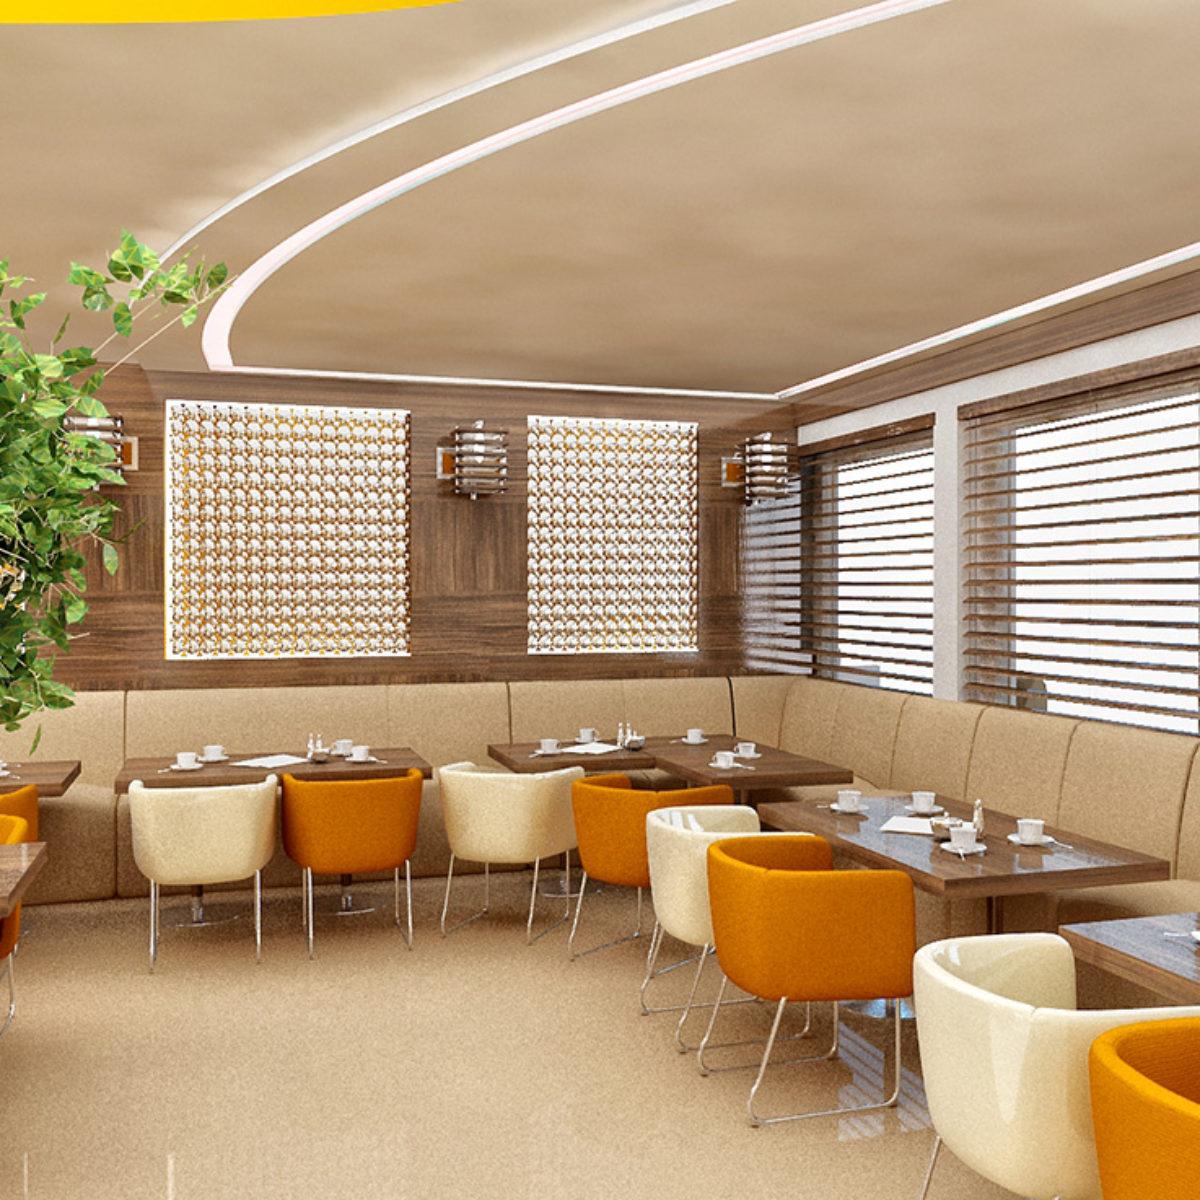 Mensa Cafe